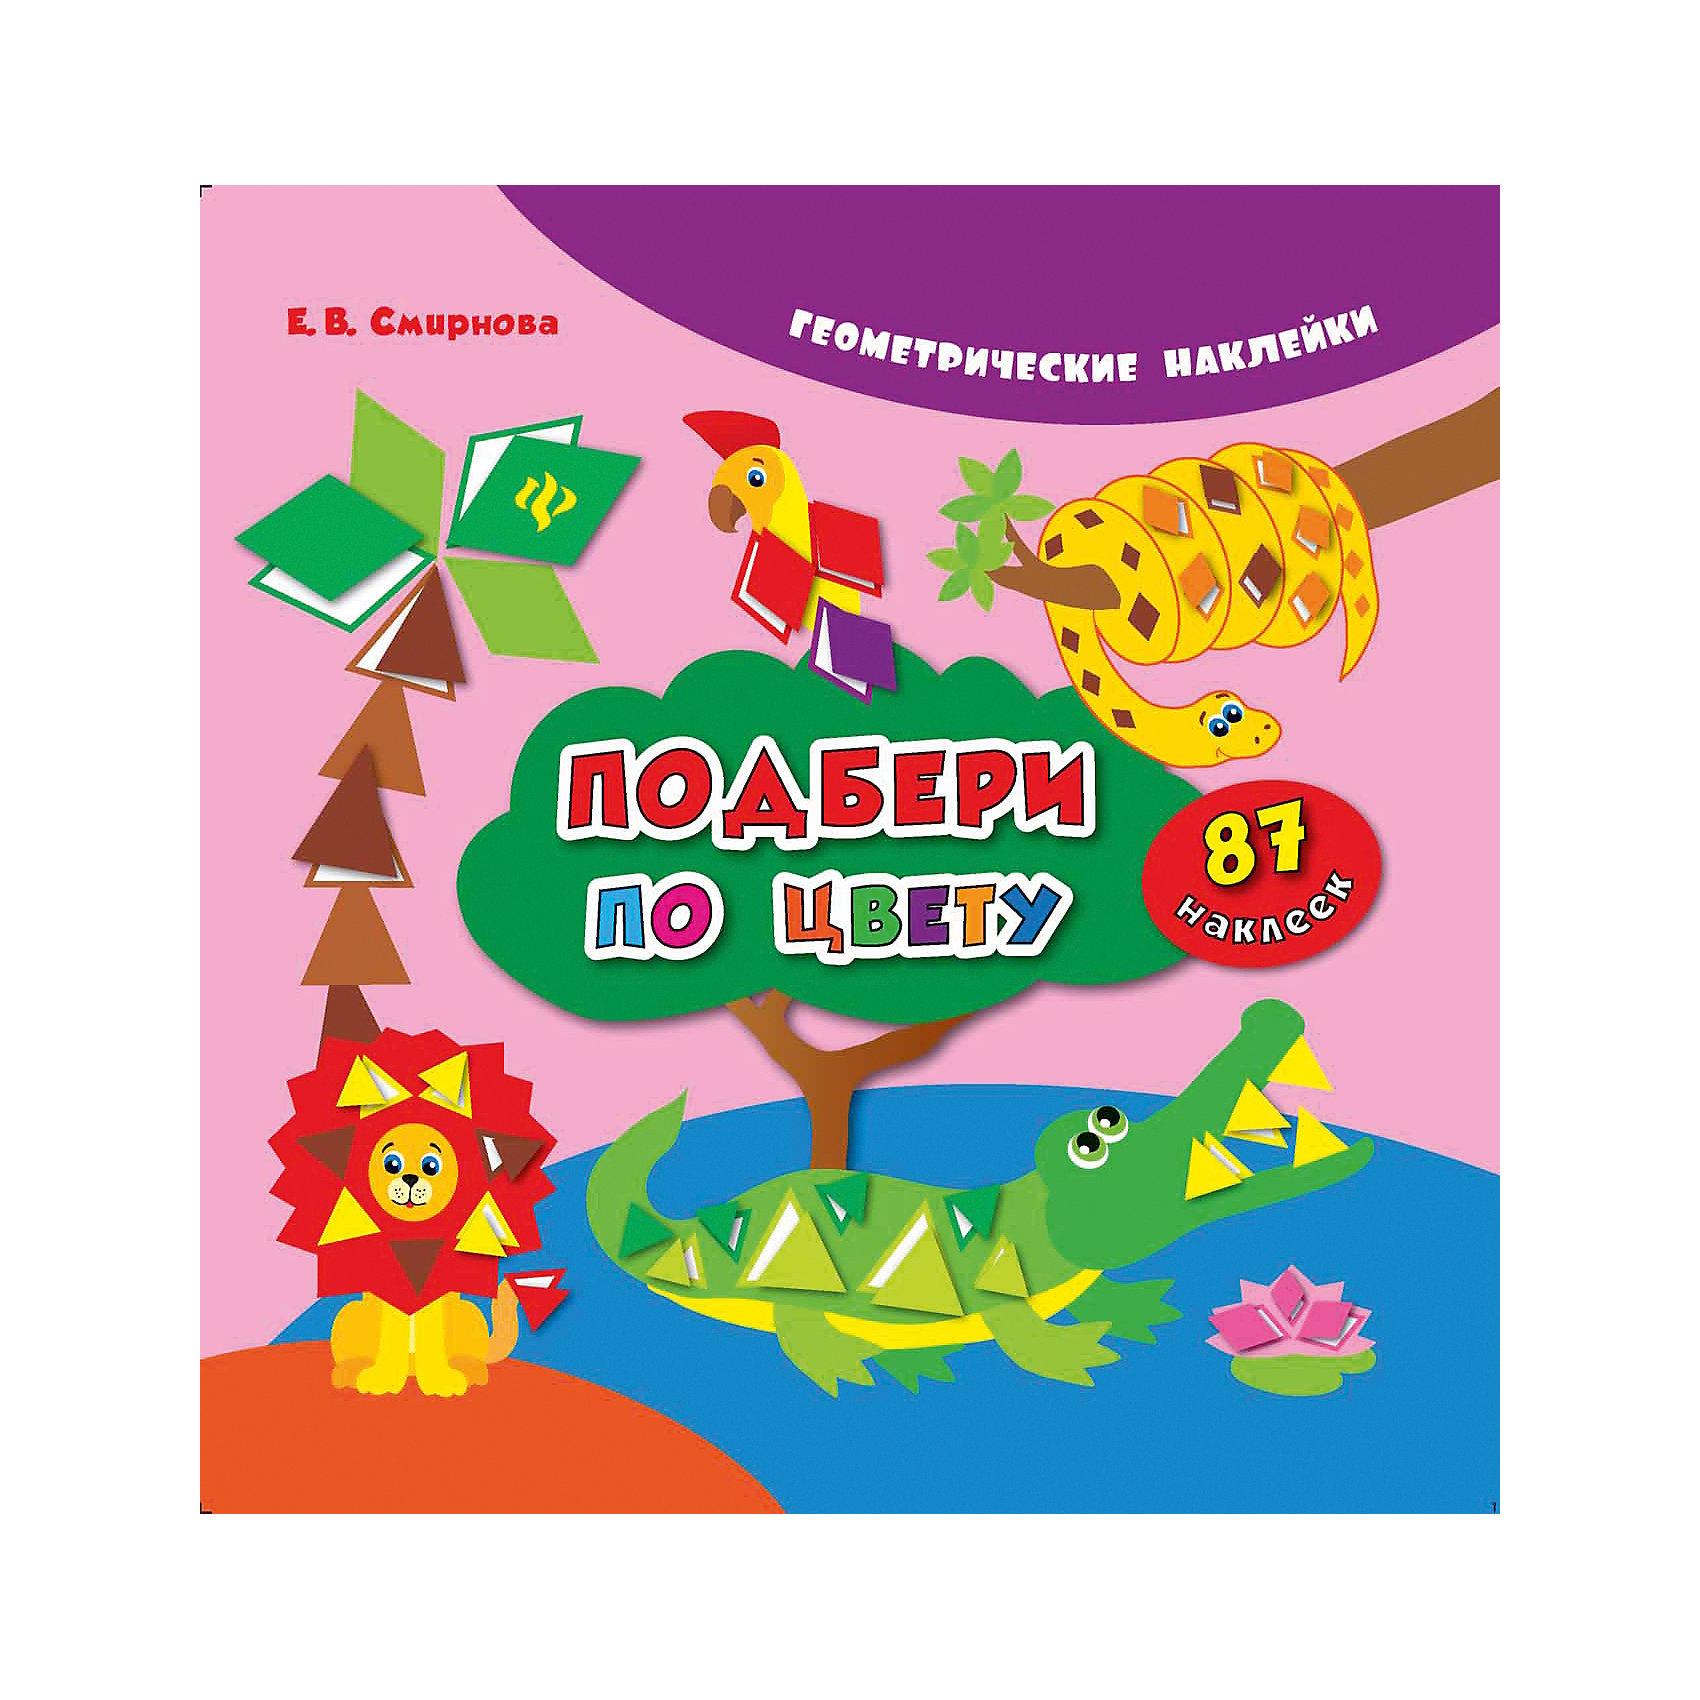 Подбери по цветуИзучаем цвета и формы<br>Данная книга познакомит детей с такими геометрическими фигурами, как квадрат, круг, треугольник и ромб. Дети научатся работать с этими фигурами: называть, узнавать на рисунке и среди окружающих предметов, искать наклейки соответствующей формы, размера и<br><br>Ширина мм: 215<br>Глубина мм: 214<br>Высота мм: 1<br>Вес г: 55<br>Возраст от месяцев: 12<br>Возраст до месяцев: 60<br>Пол: Унисекс<br>Возраст: Детский<br>SKU: 5120151